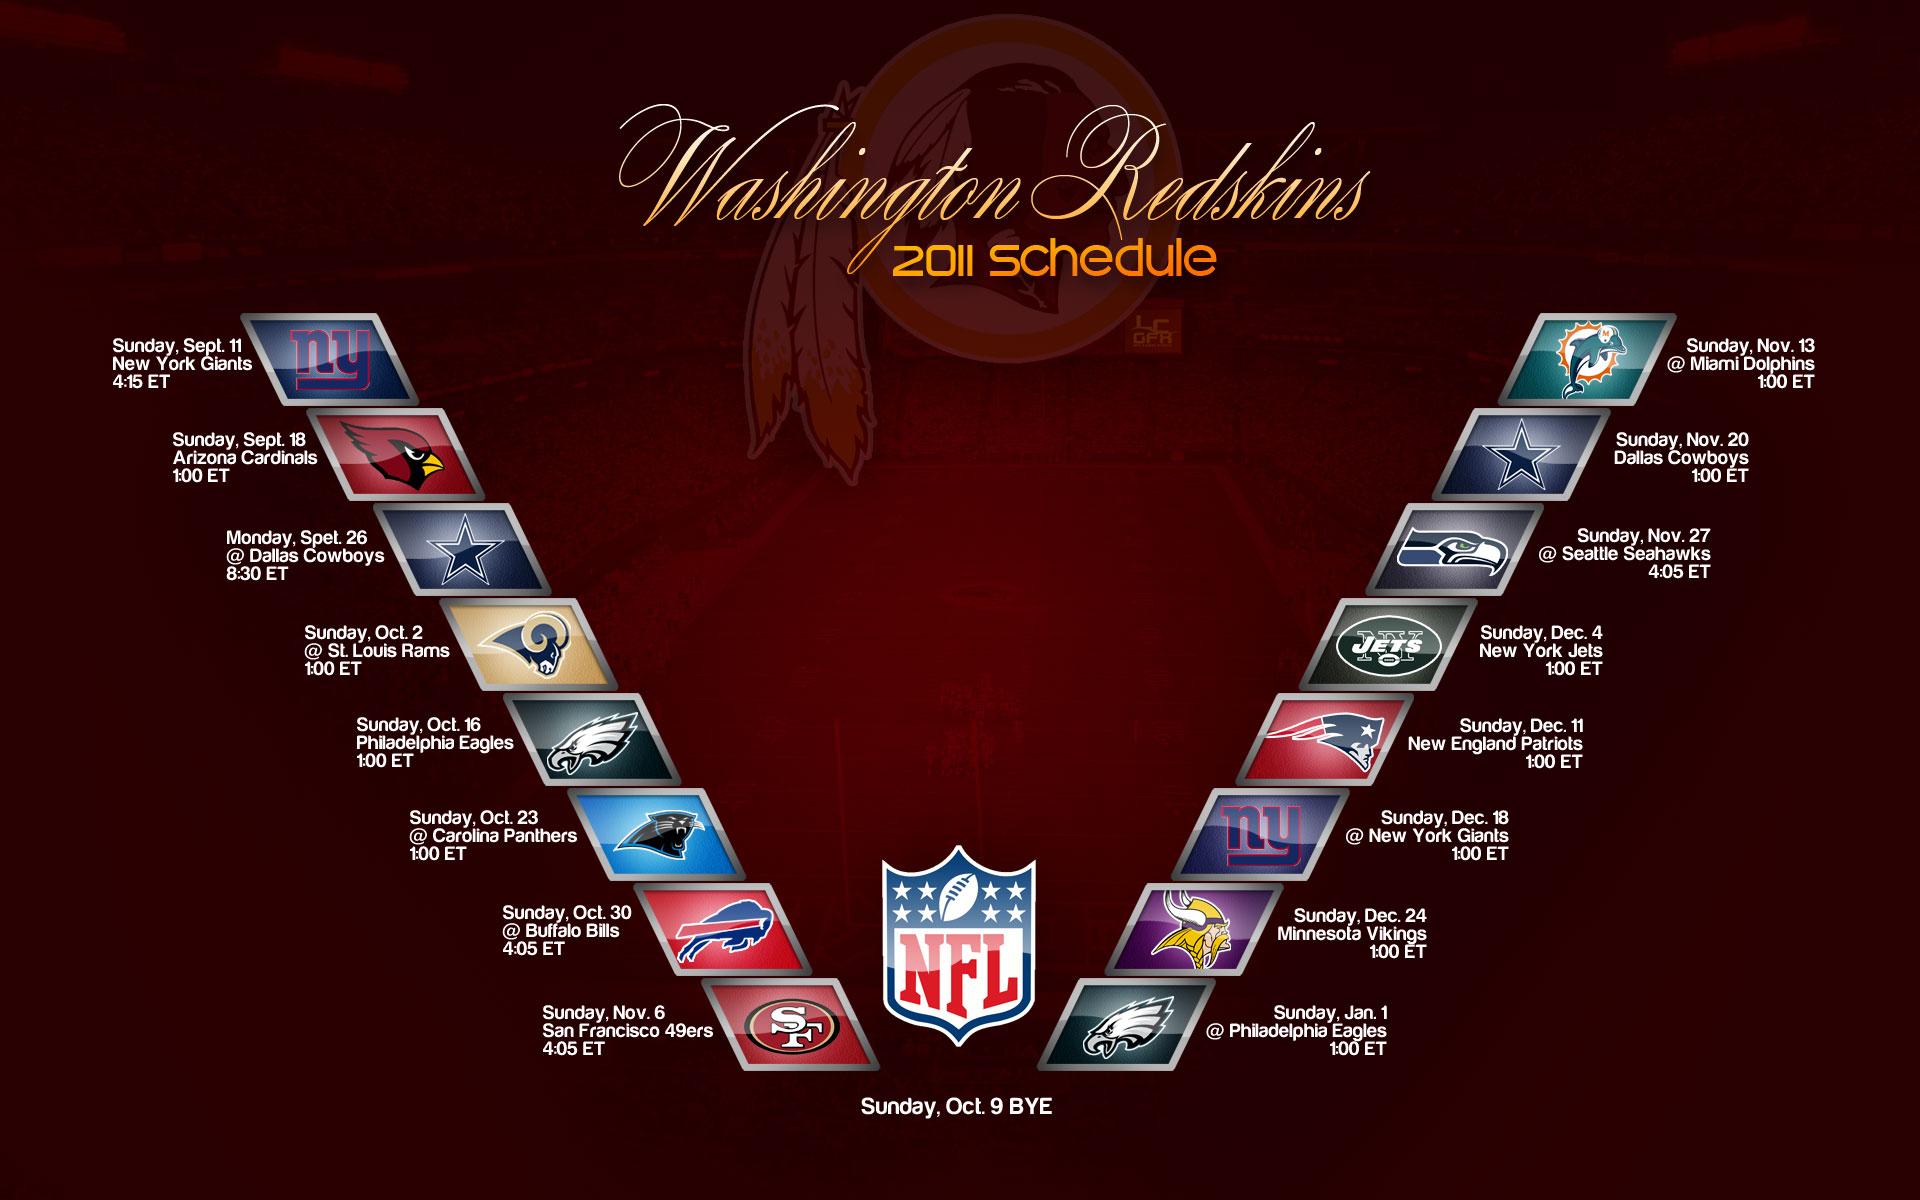 Washington Redskins wallpaper images Washington Redskins wallpapers 1920x1200